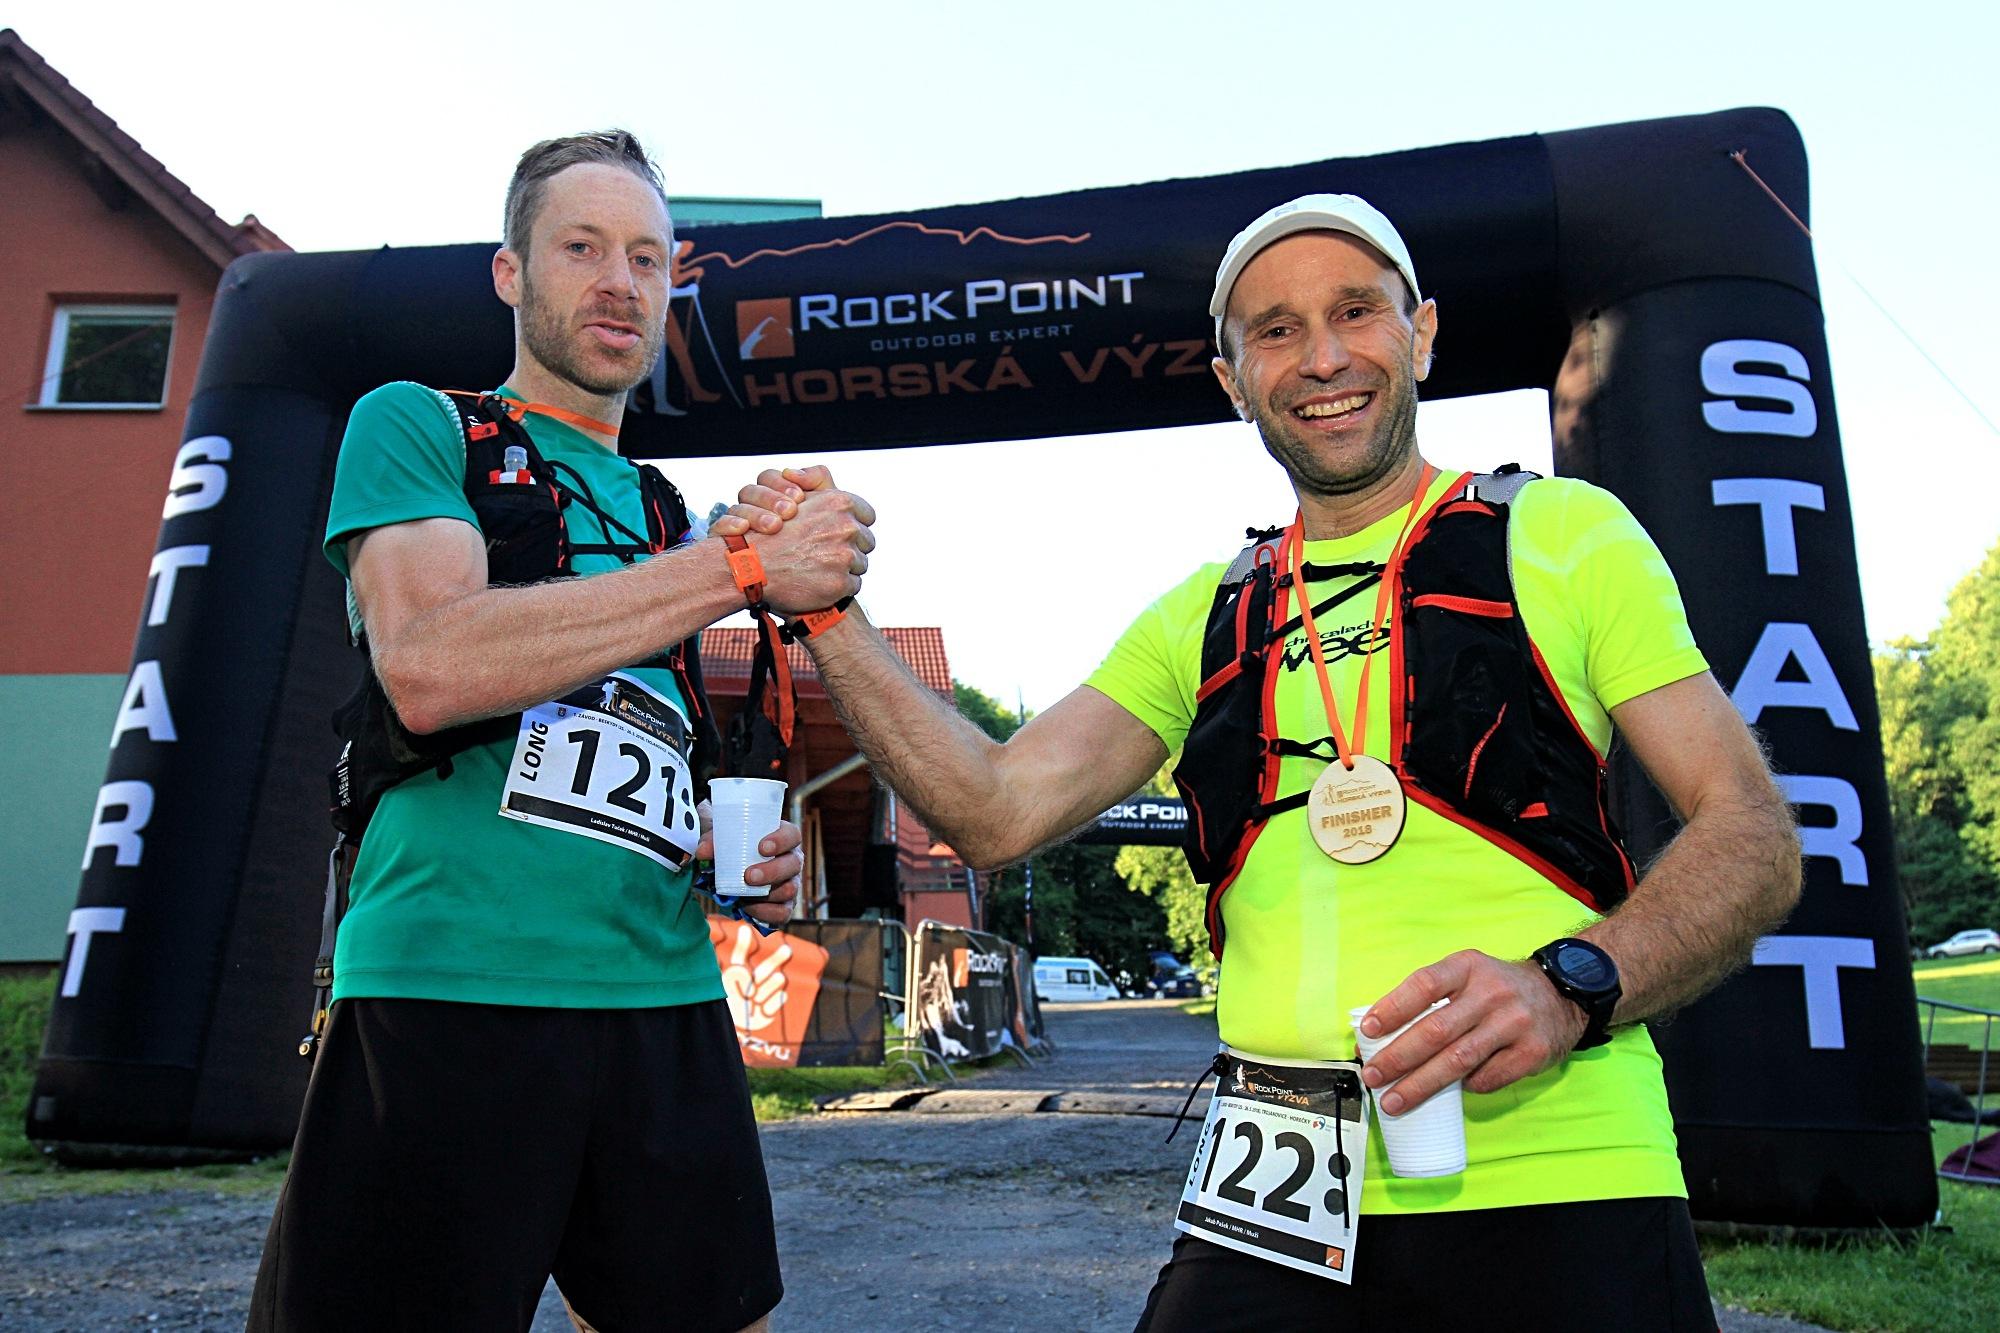 vítězové závodu Long Ladislav a Jakub (zprava) foto:P. Pátek PatRESS.cz